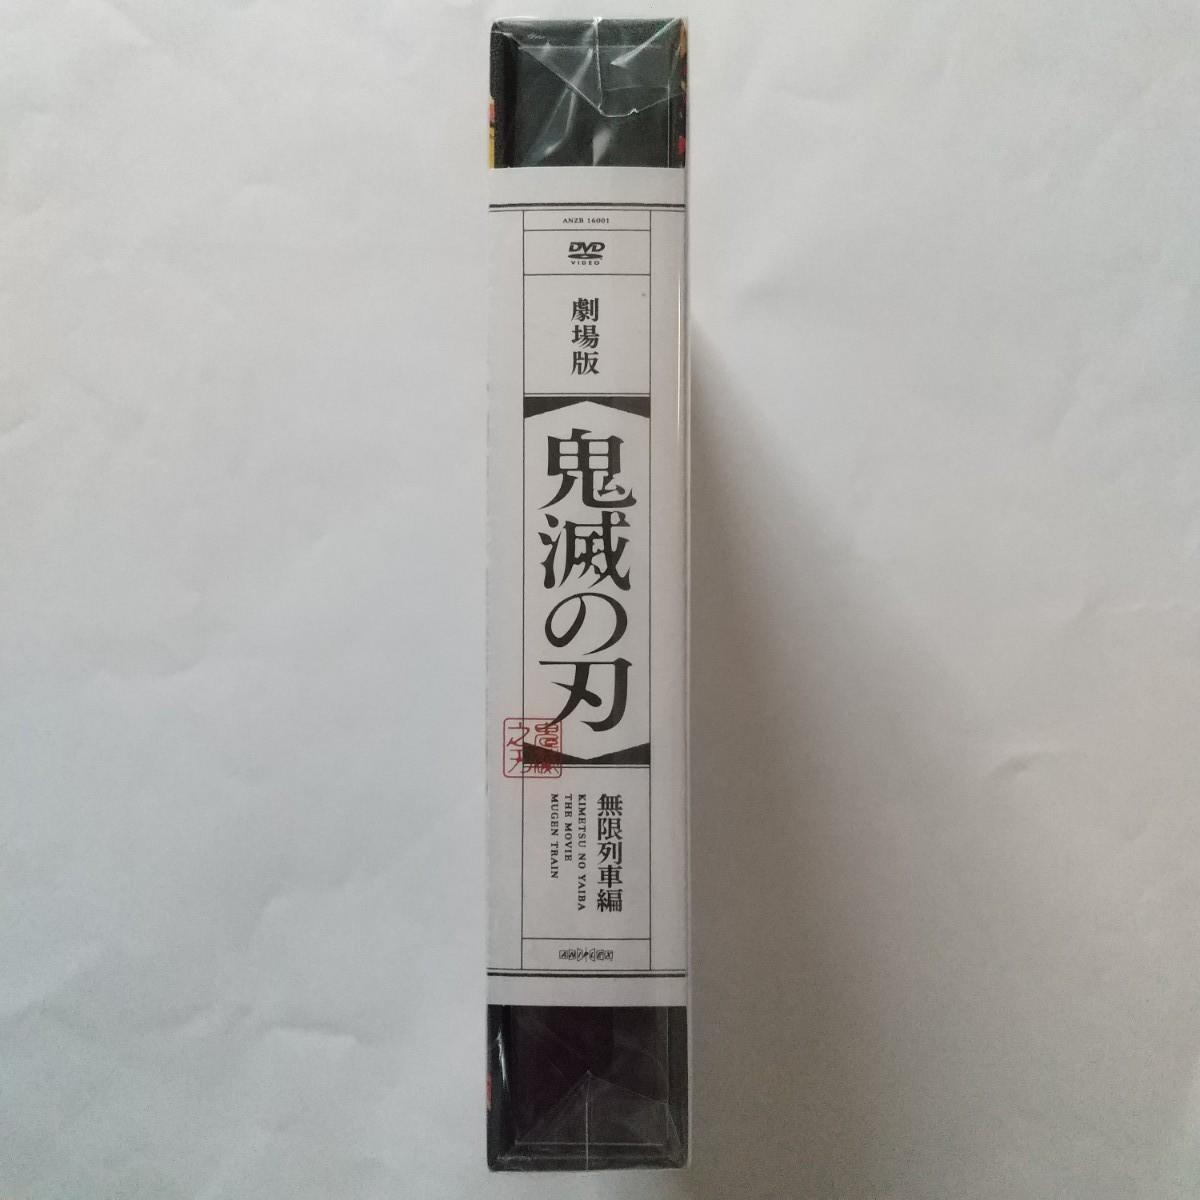 鬼滅の刃  劇場版 無限列車編 DVD【完全生産限定版】